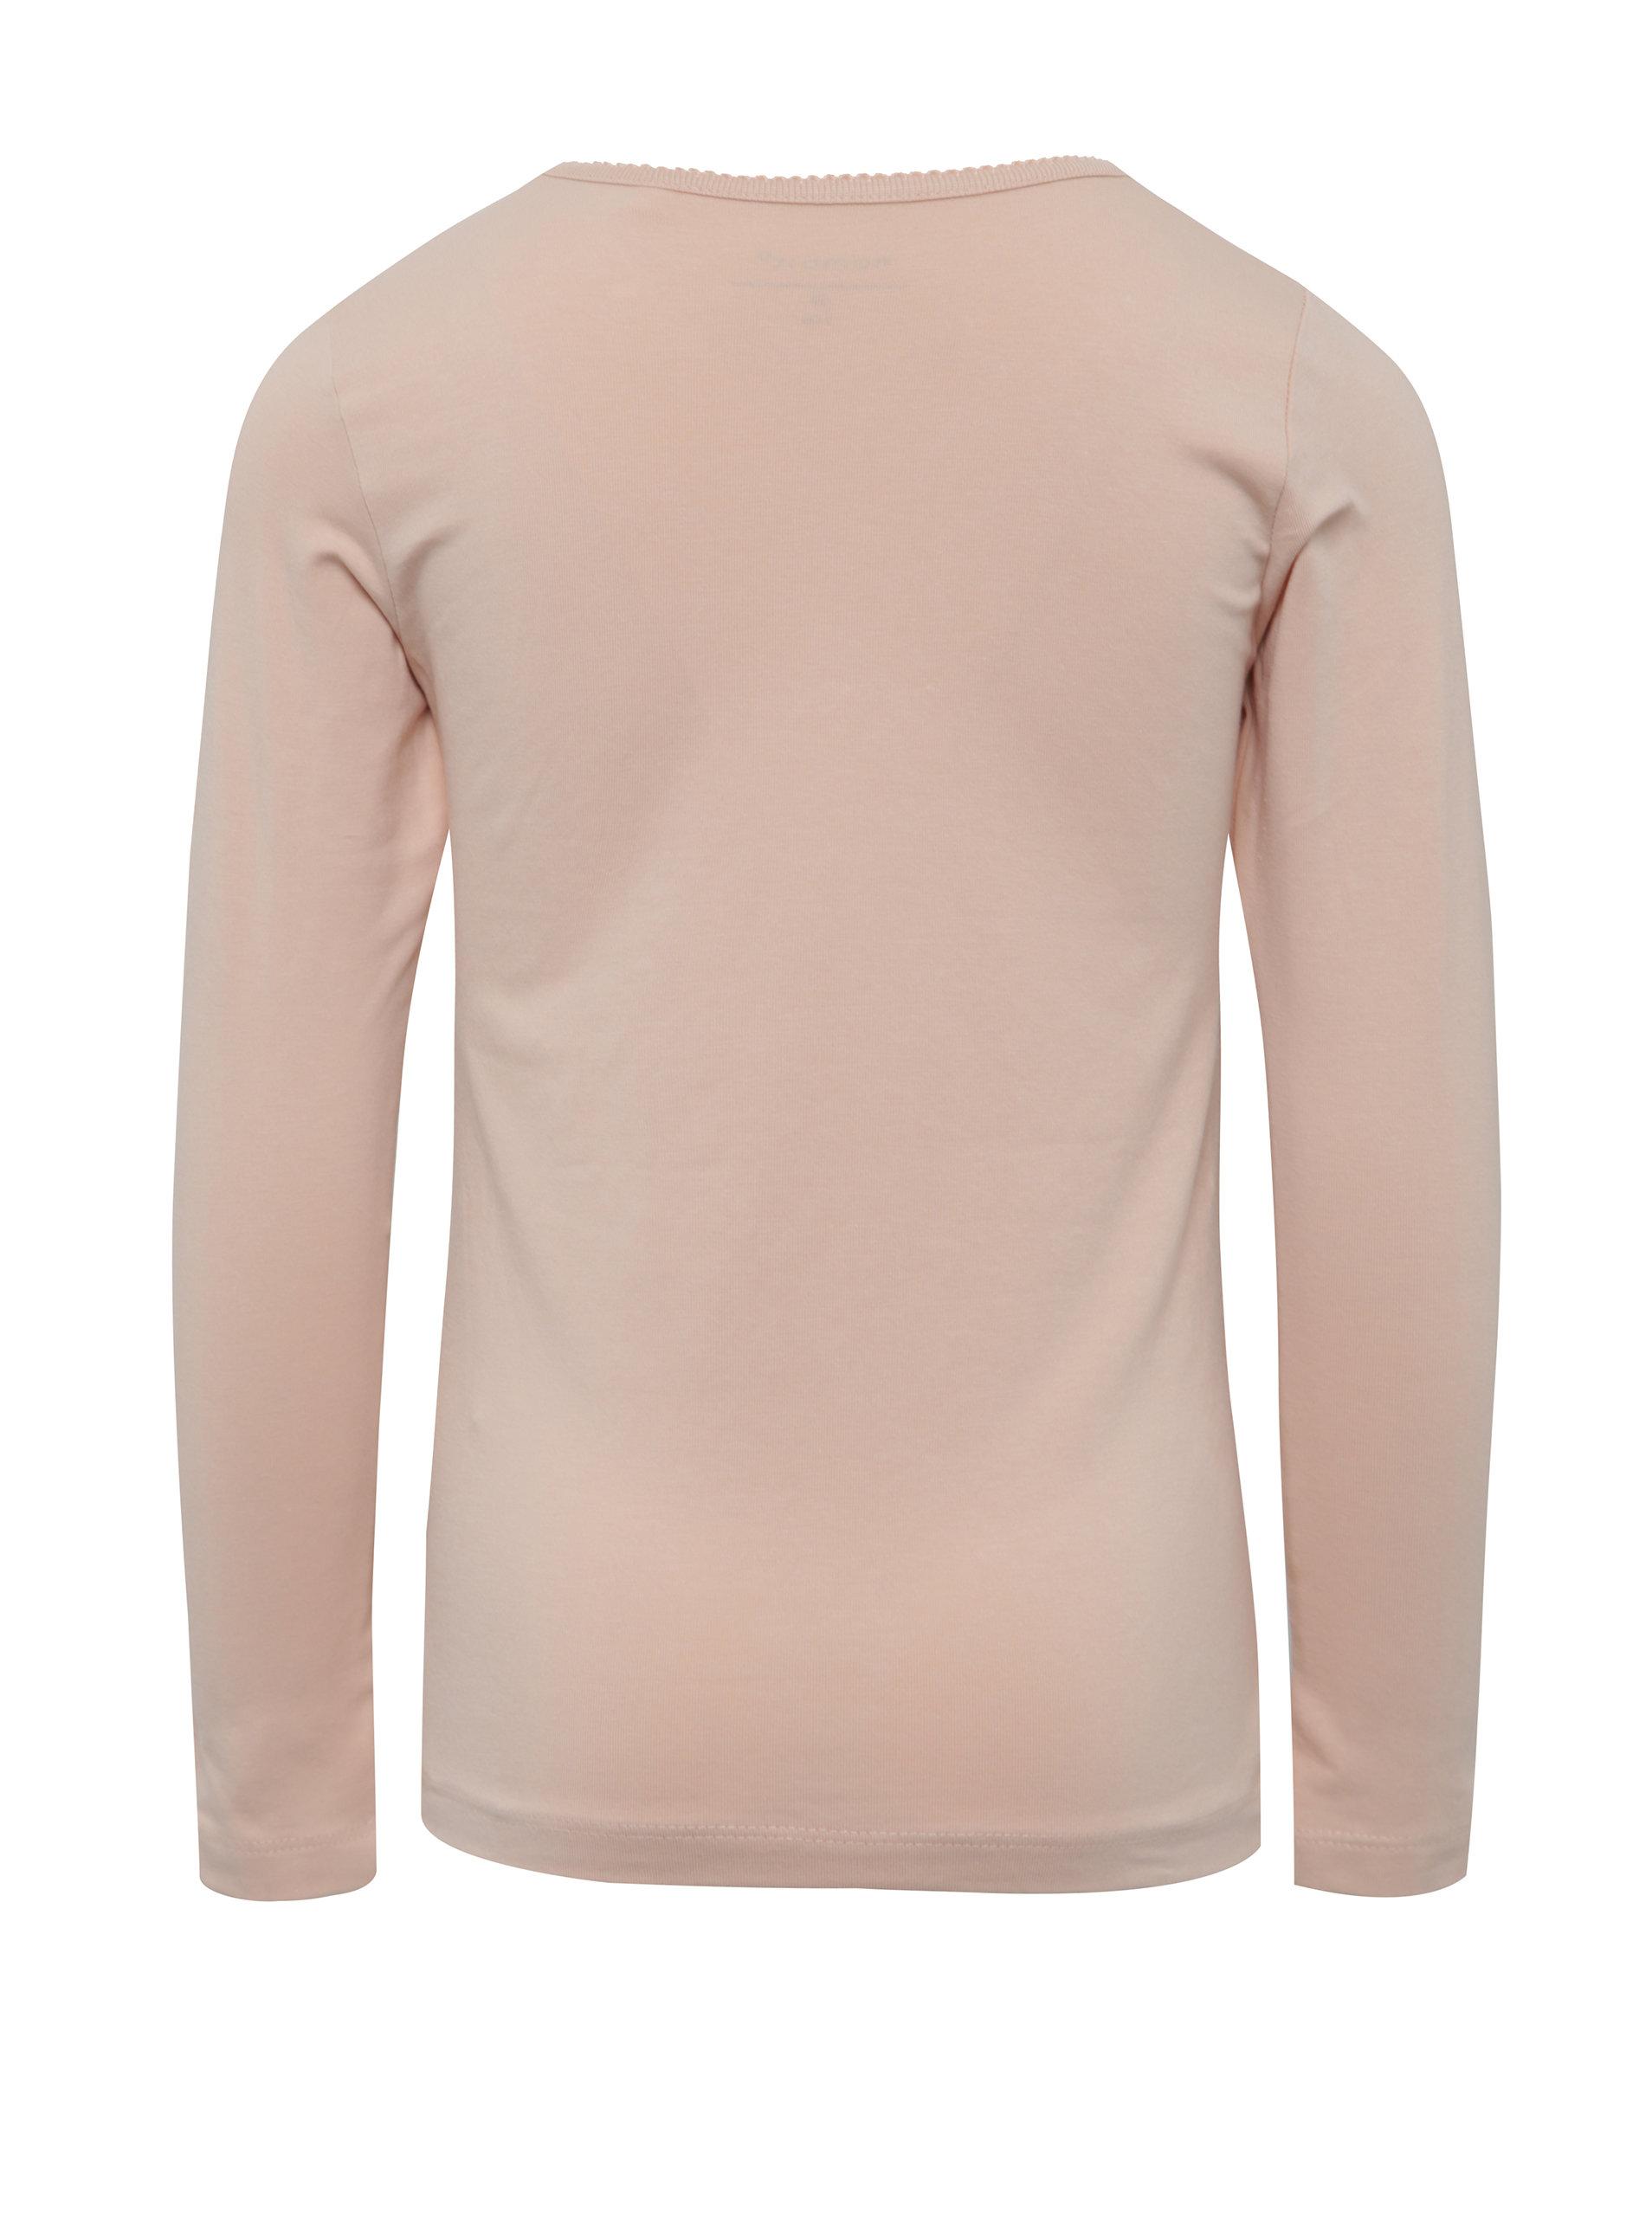 f78659db3060 Ružové dievčenské tričko s dlhým rukávom name it Viola ...